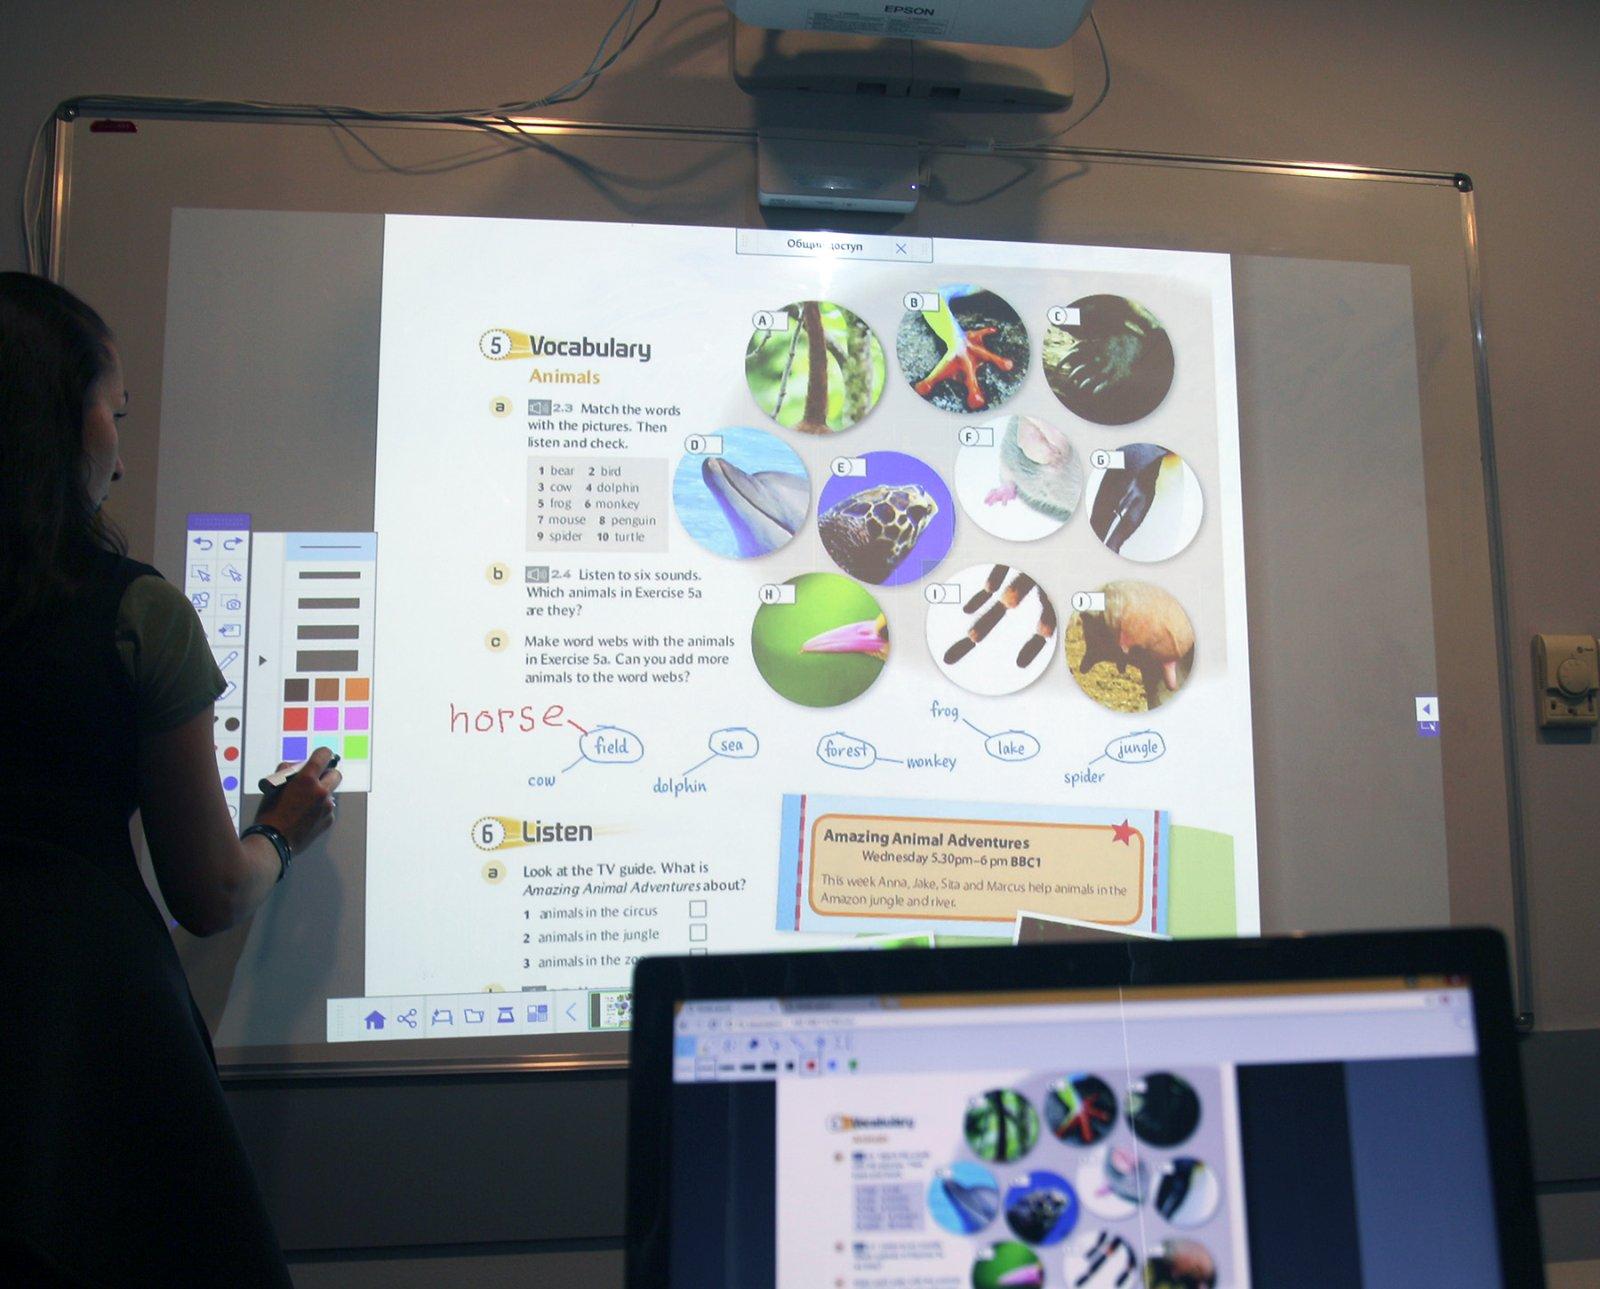 Интерактивному проектору – интерактивный софт! Часть первая: встроенное ПО и основные возможности - 6